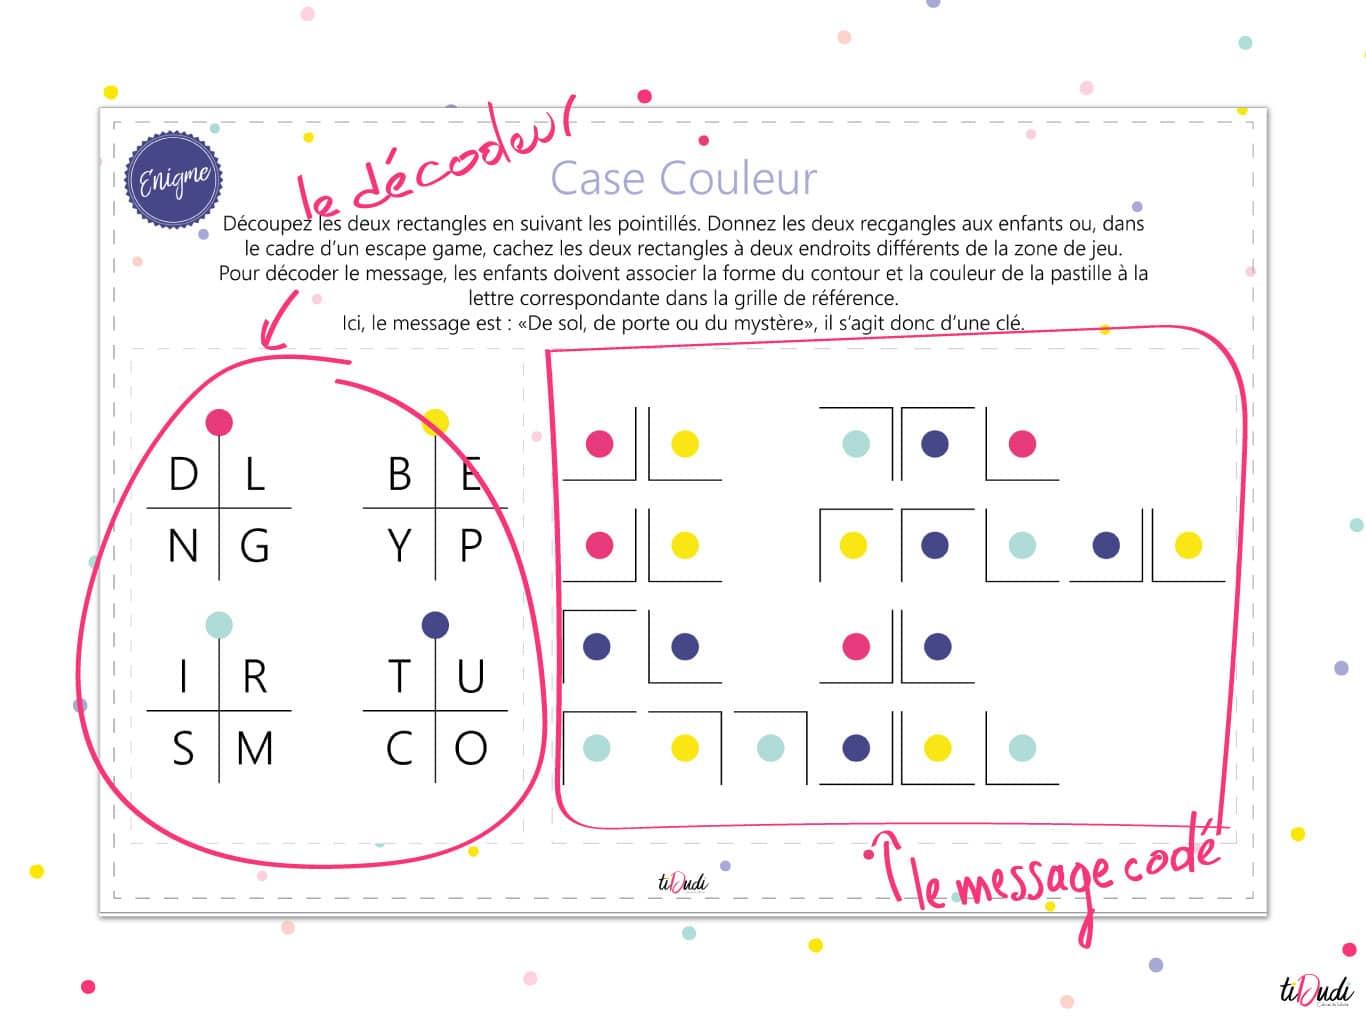 Décodeur et message codé, énigme Case Couleur. tiDudi